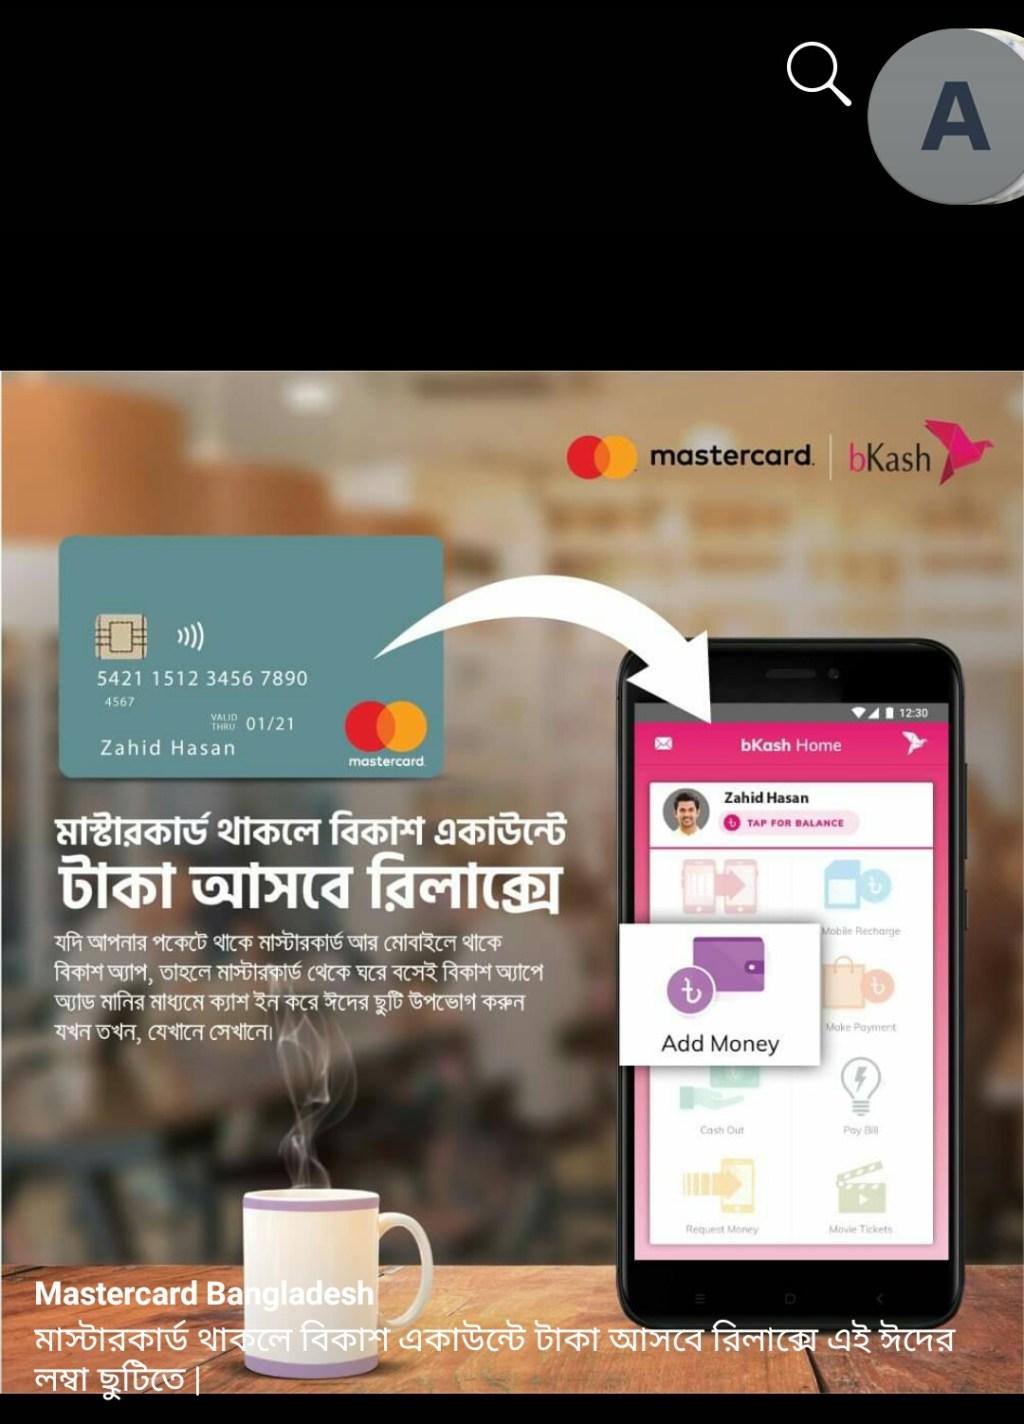 MasterCard Bangladesh.